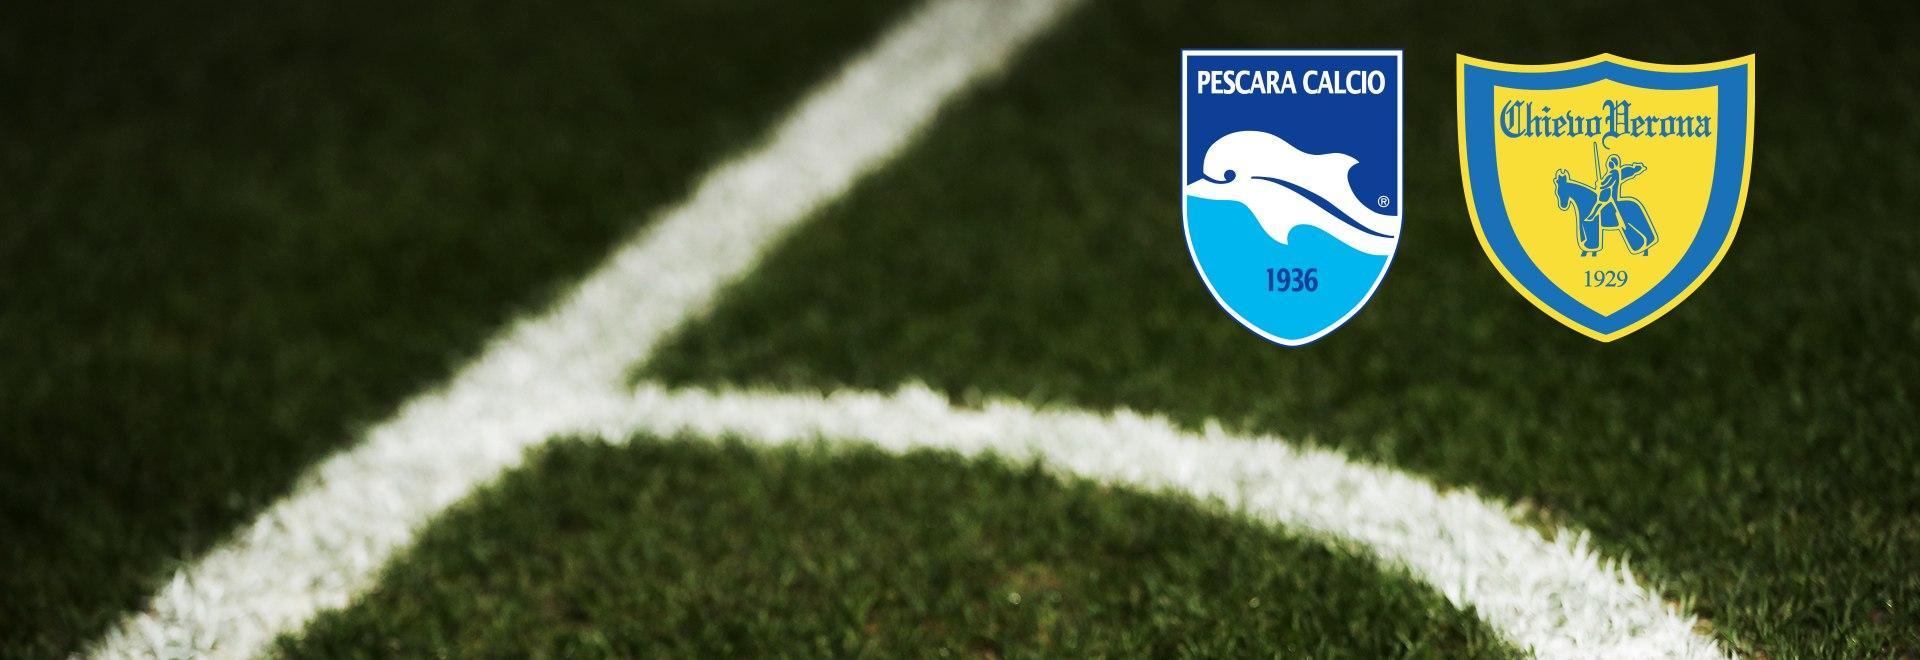 Pescara - Chievo. 19a g.